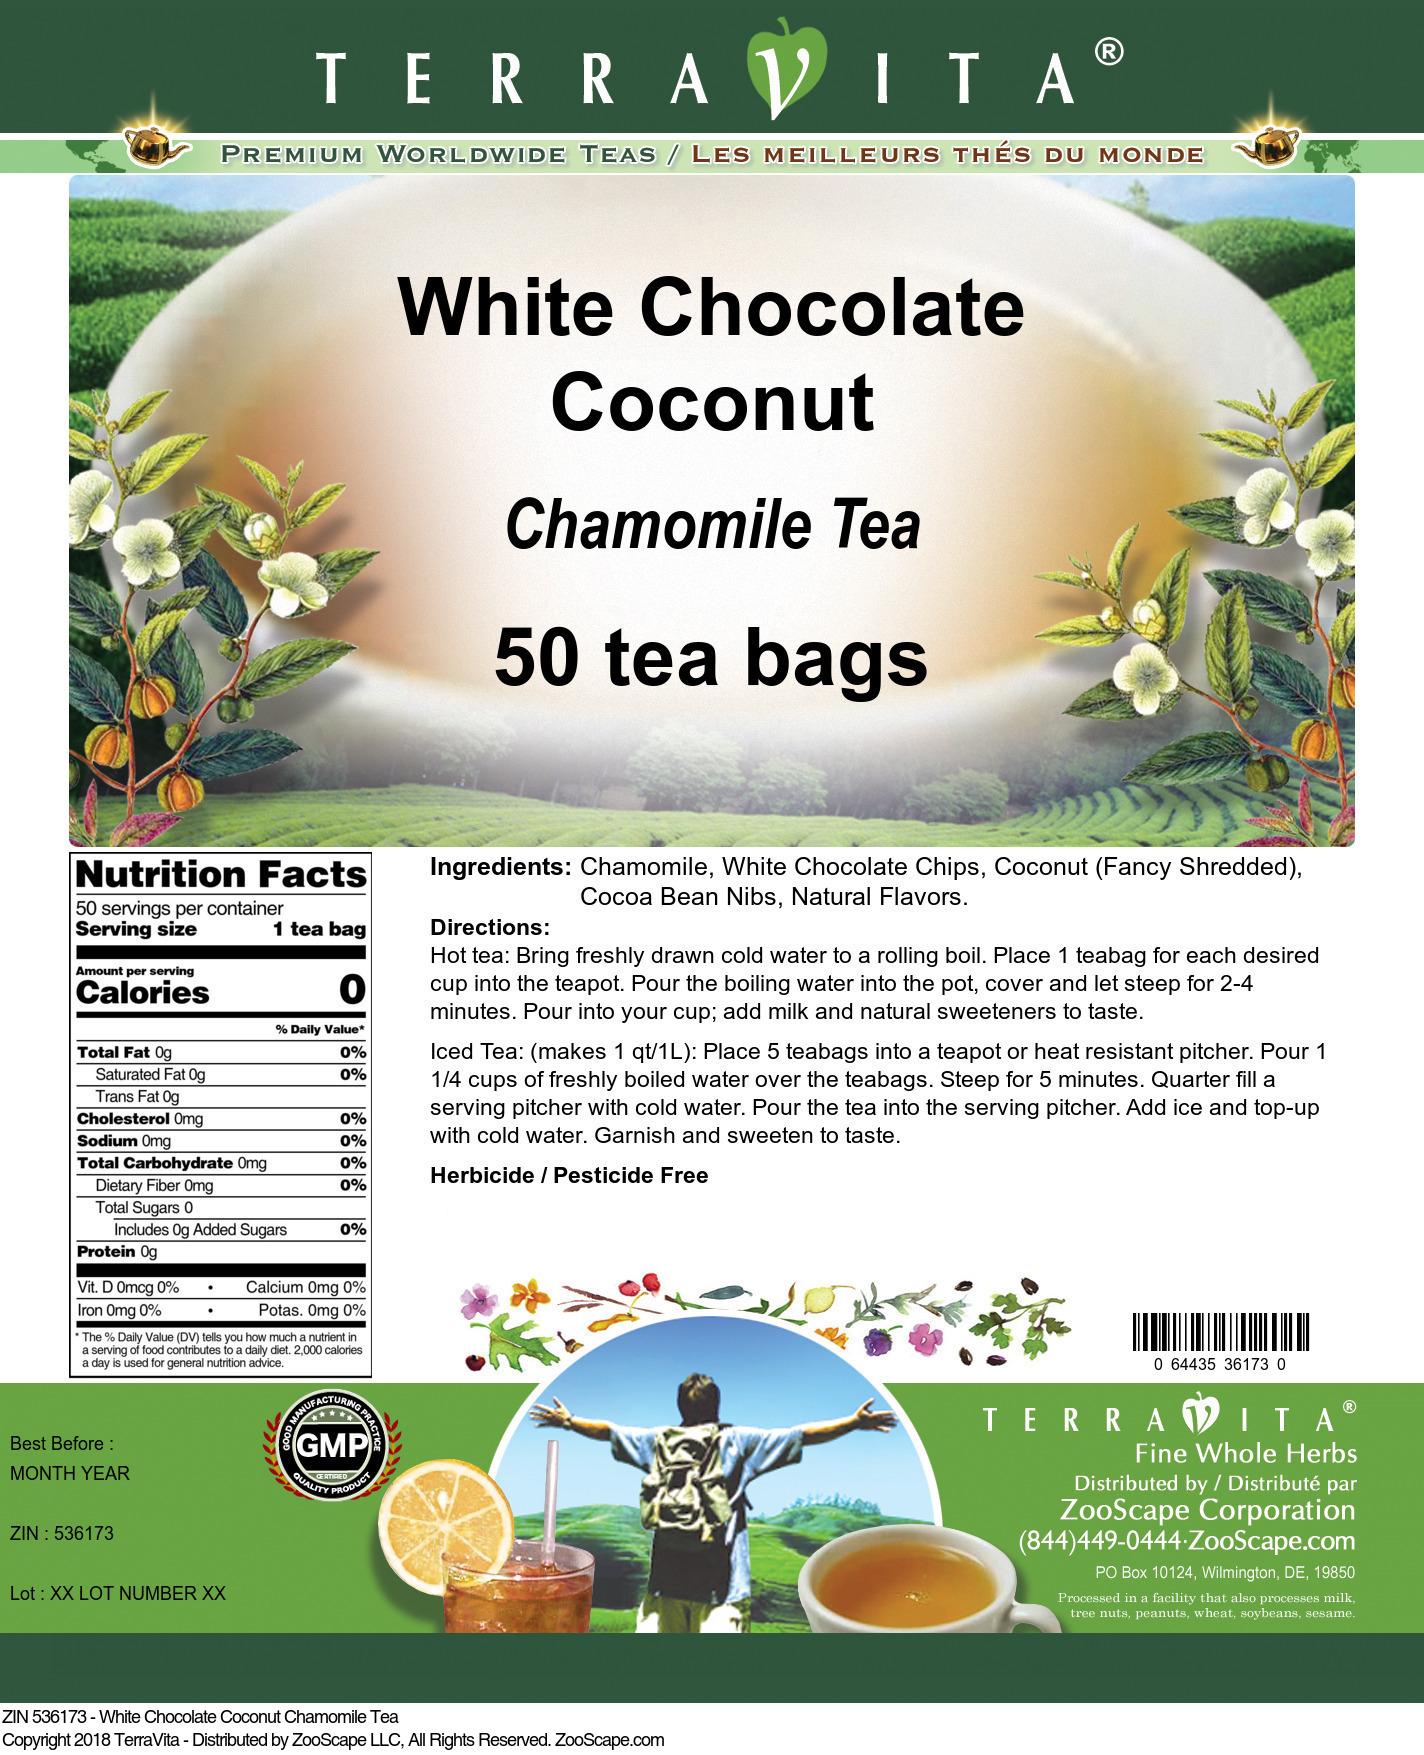 White Chocolate Coconut Chamomile Tea